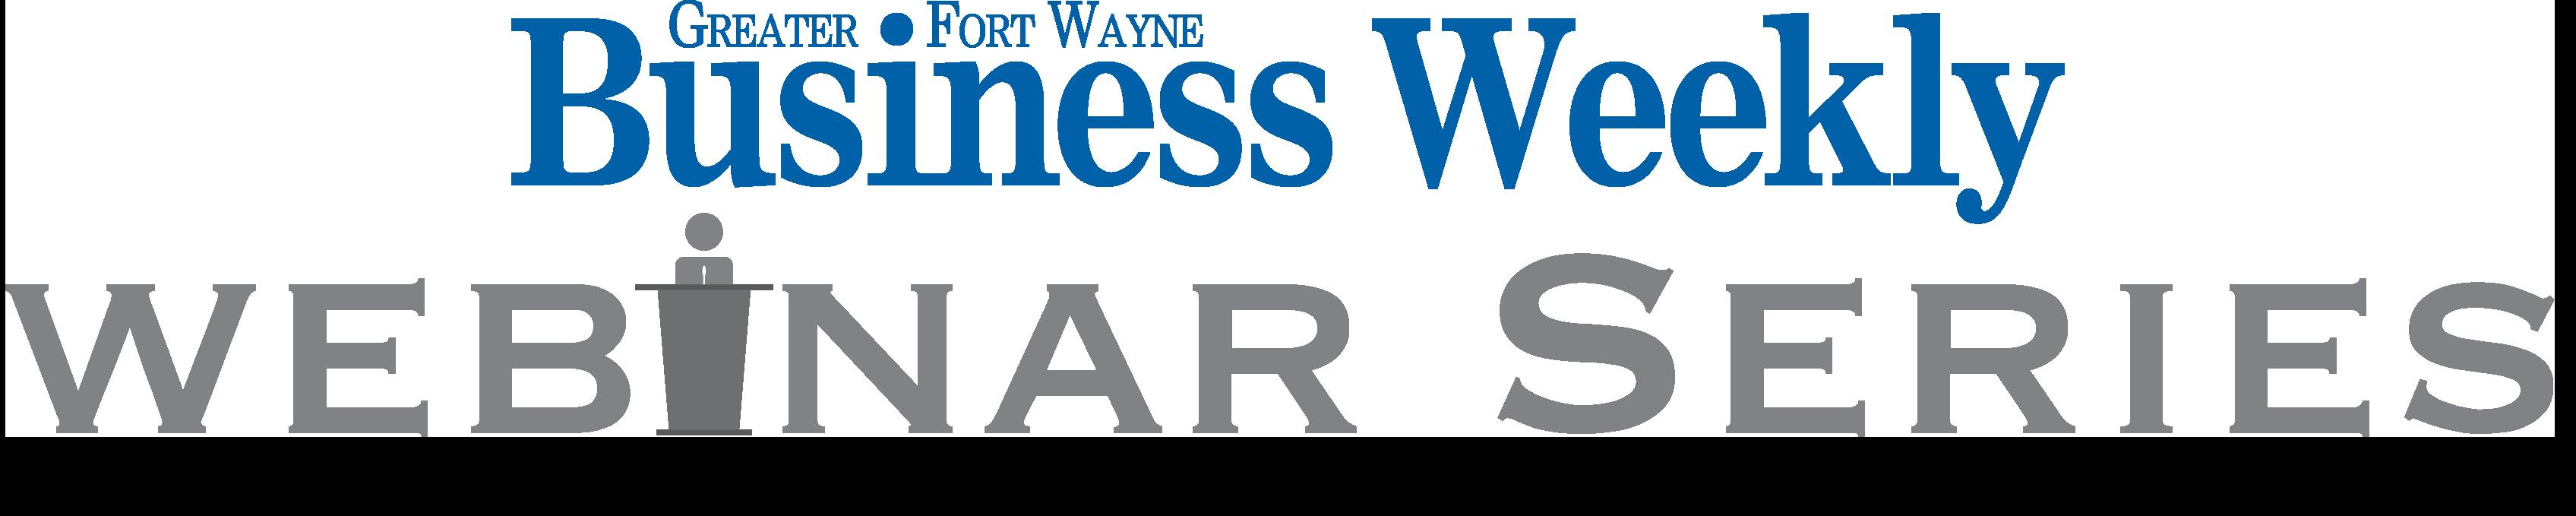 WebinarSeries_4C